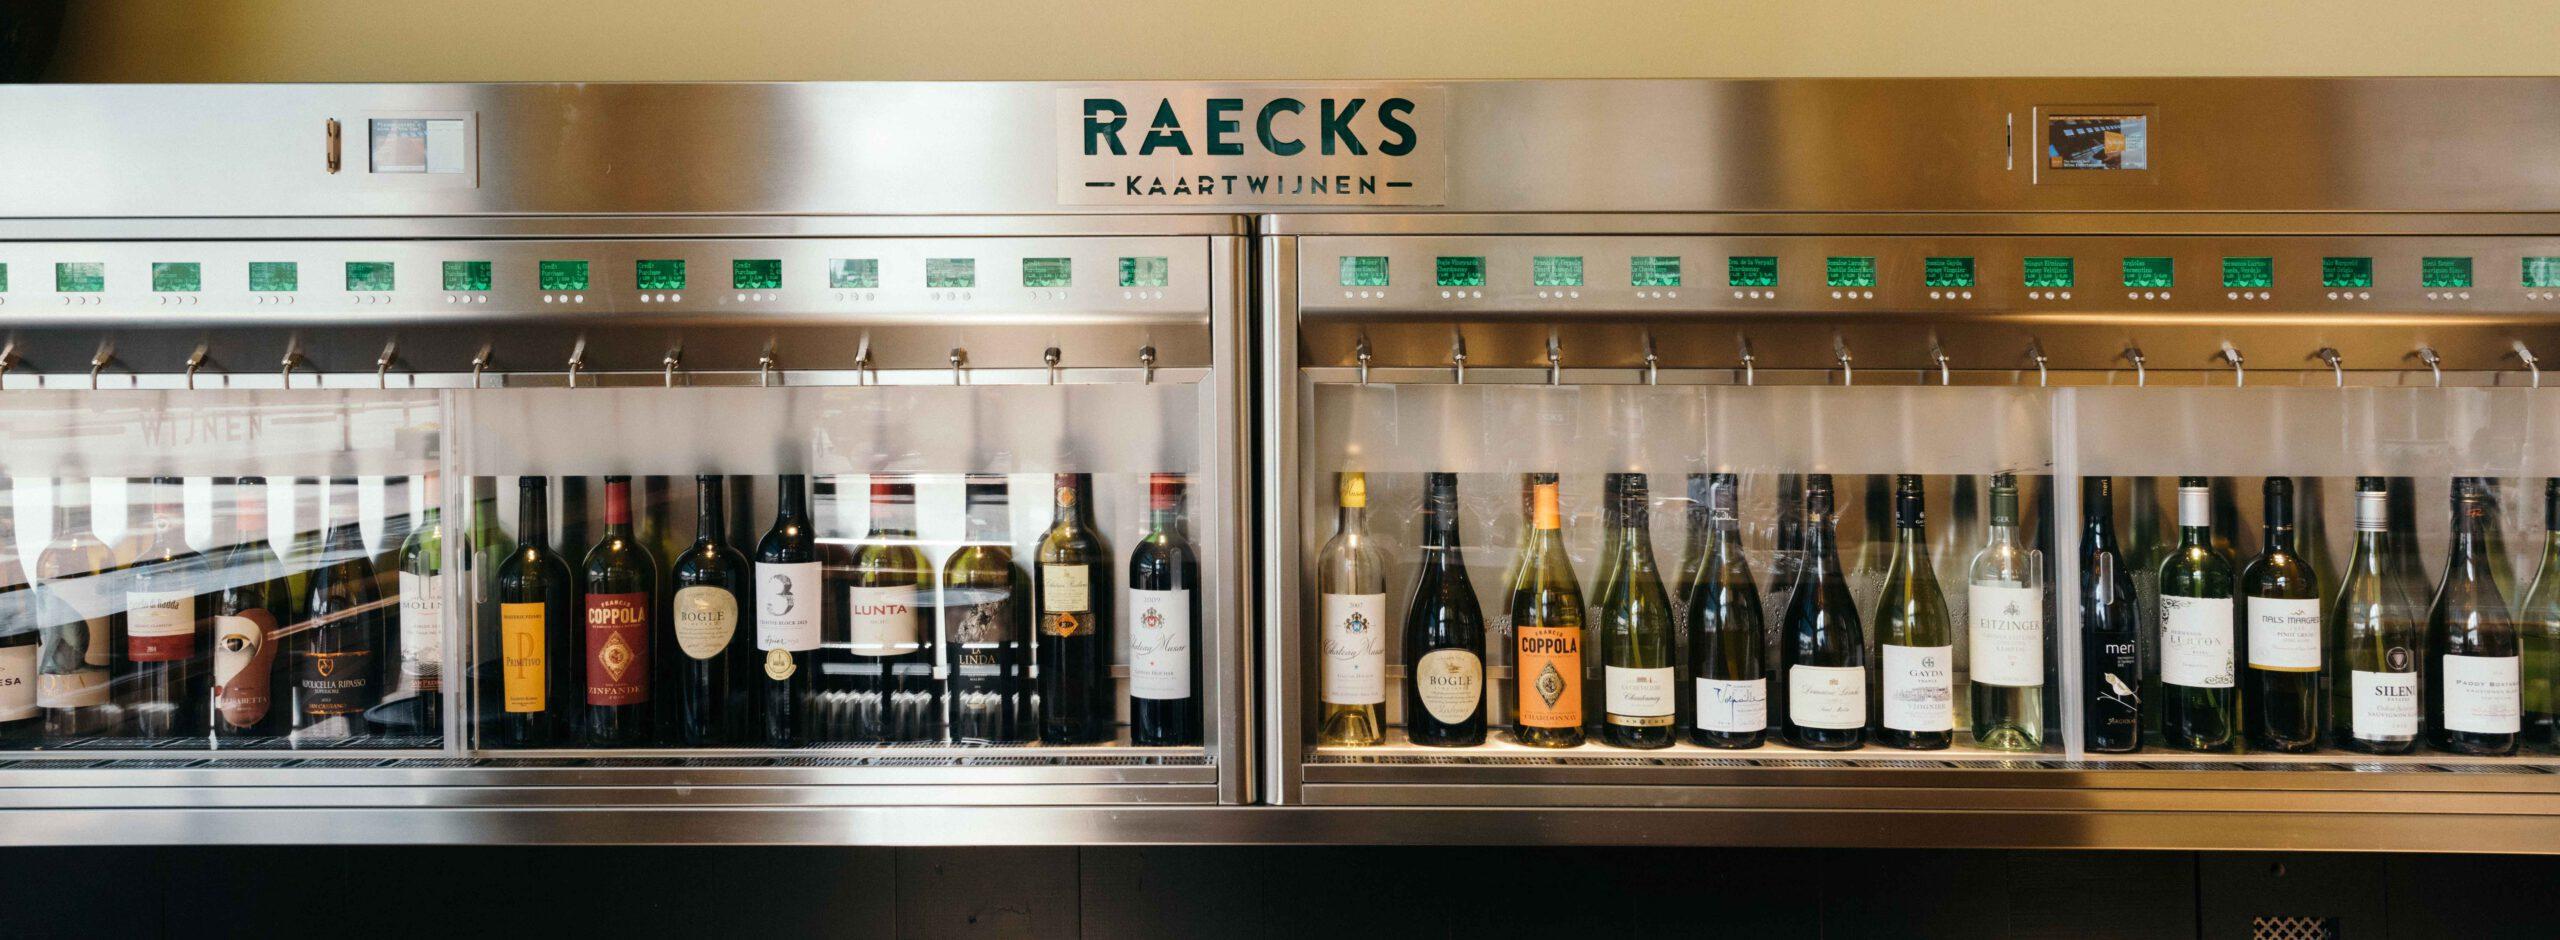 Wijn Haarlem Raecks